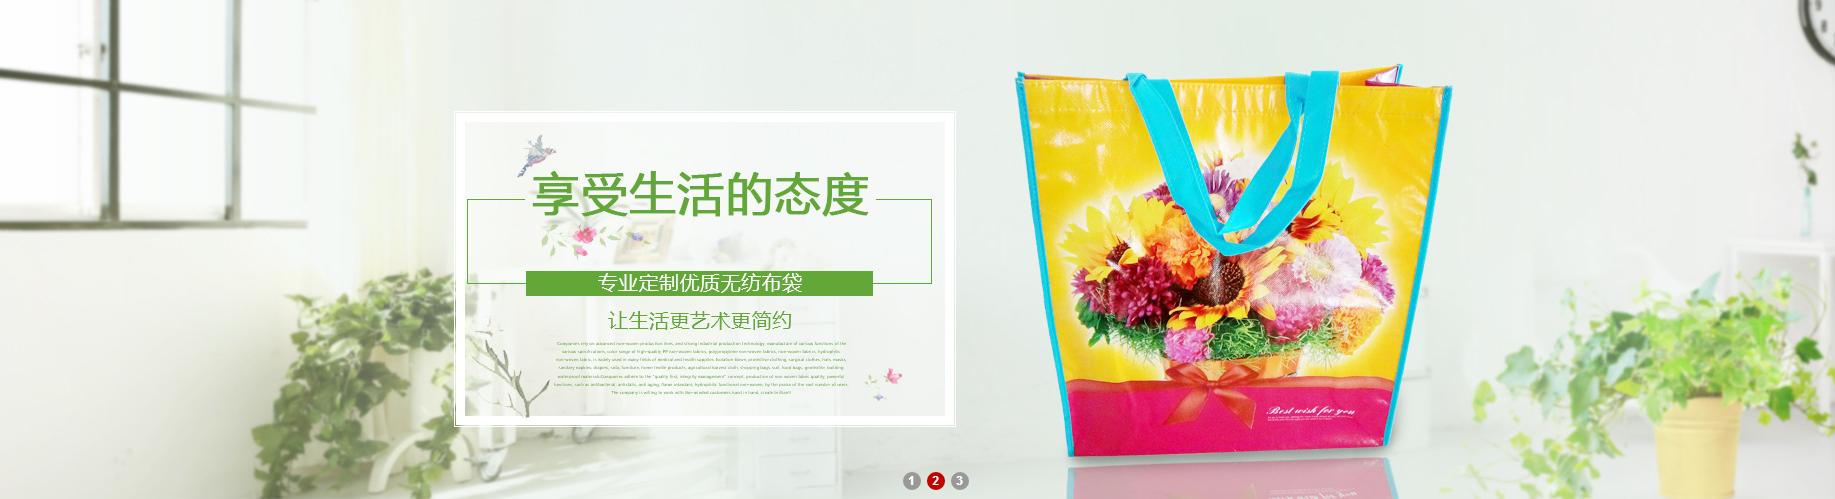 寿光市鑫嵘包装制品有限公司